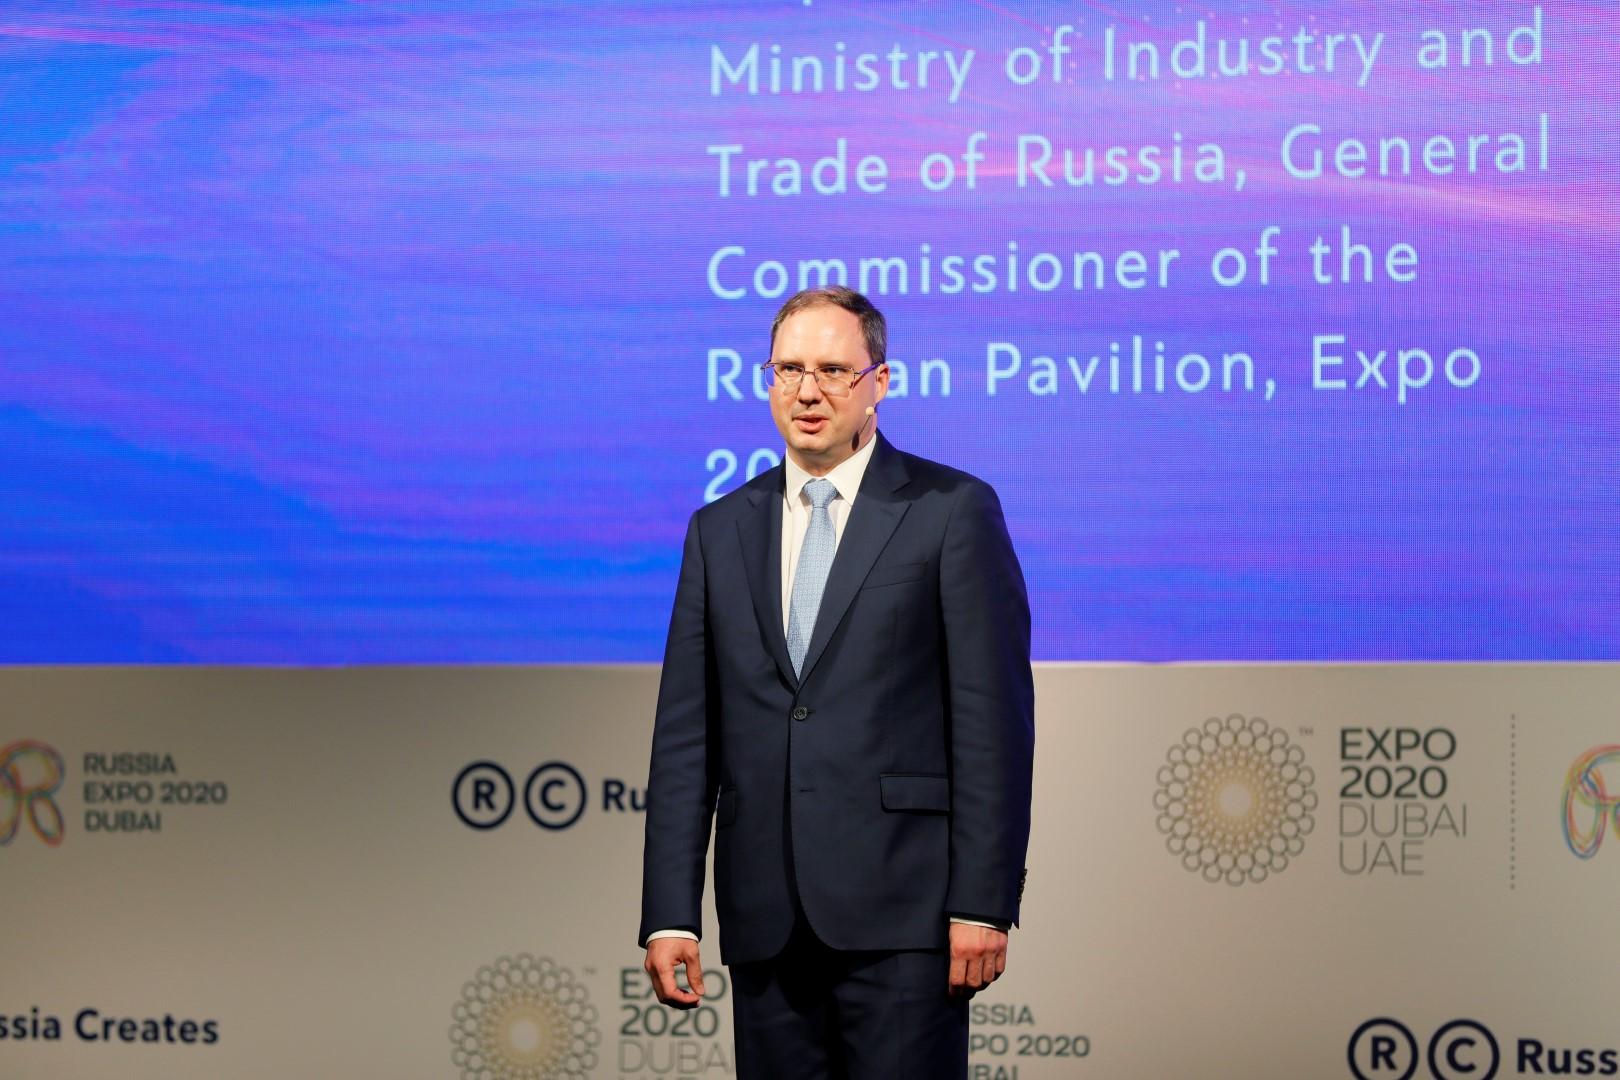 الجناح الروسي في إكسبو دبي 2020 يقدم عرضا يكشف عن برامج عمله